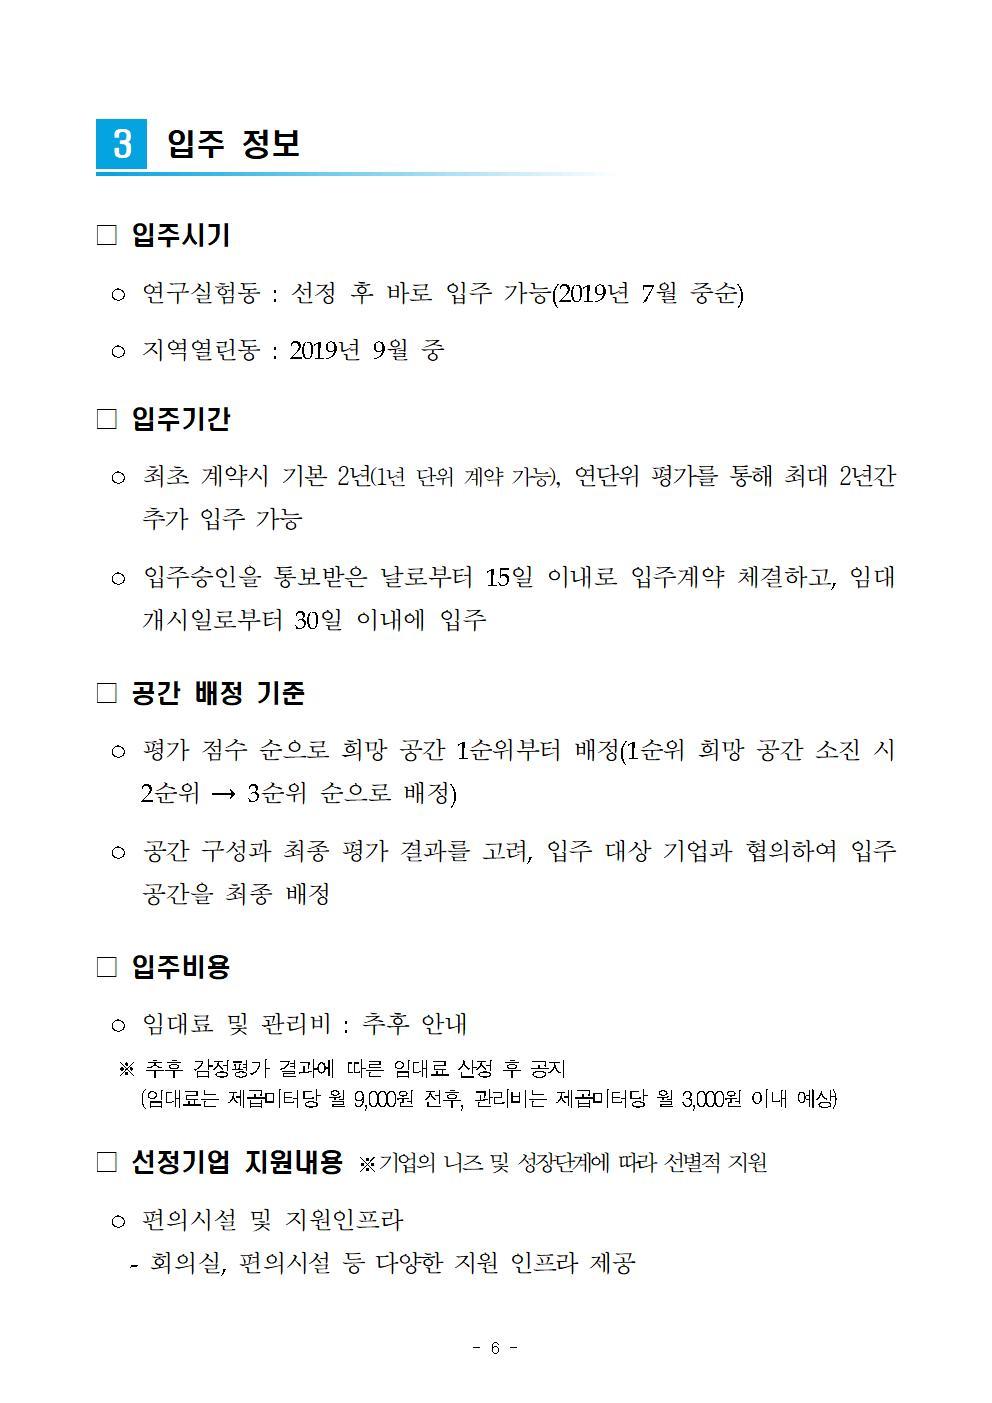 2019년 서울바이오허브 혁신 창업기업 모집 공고_final006